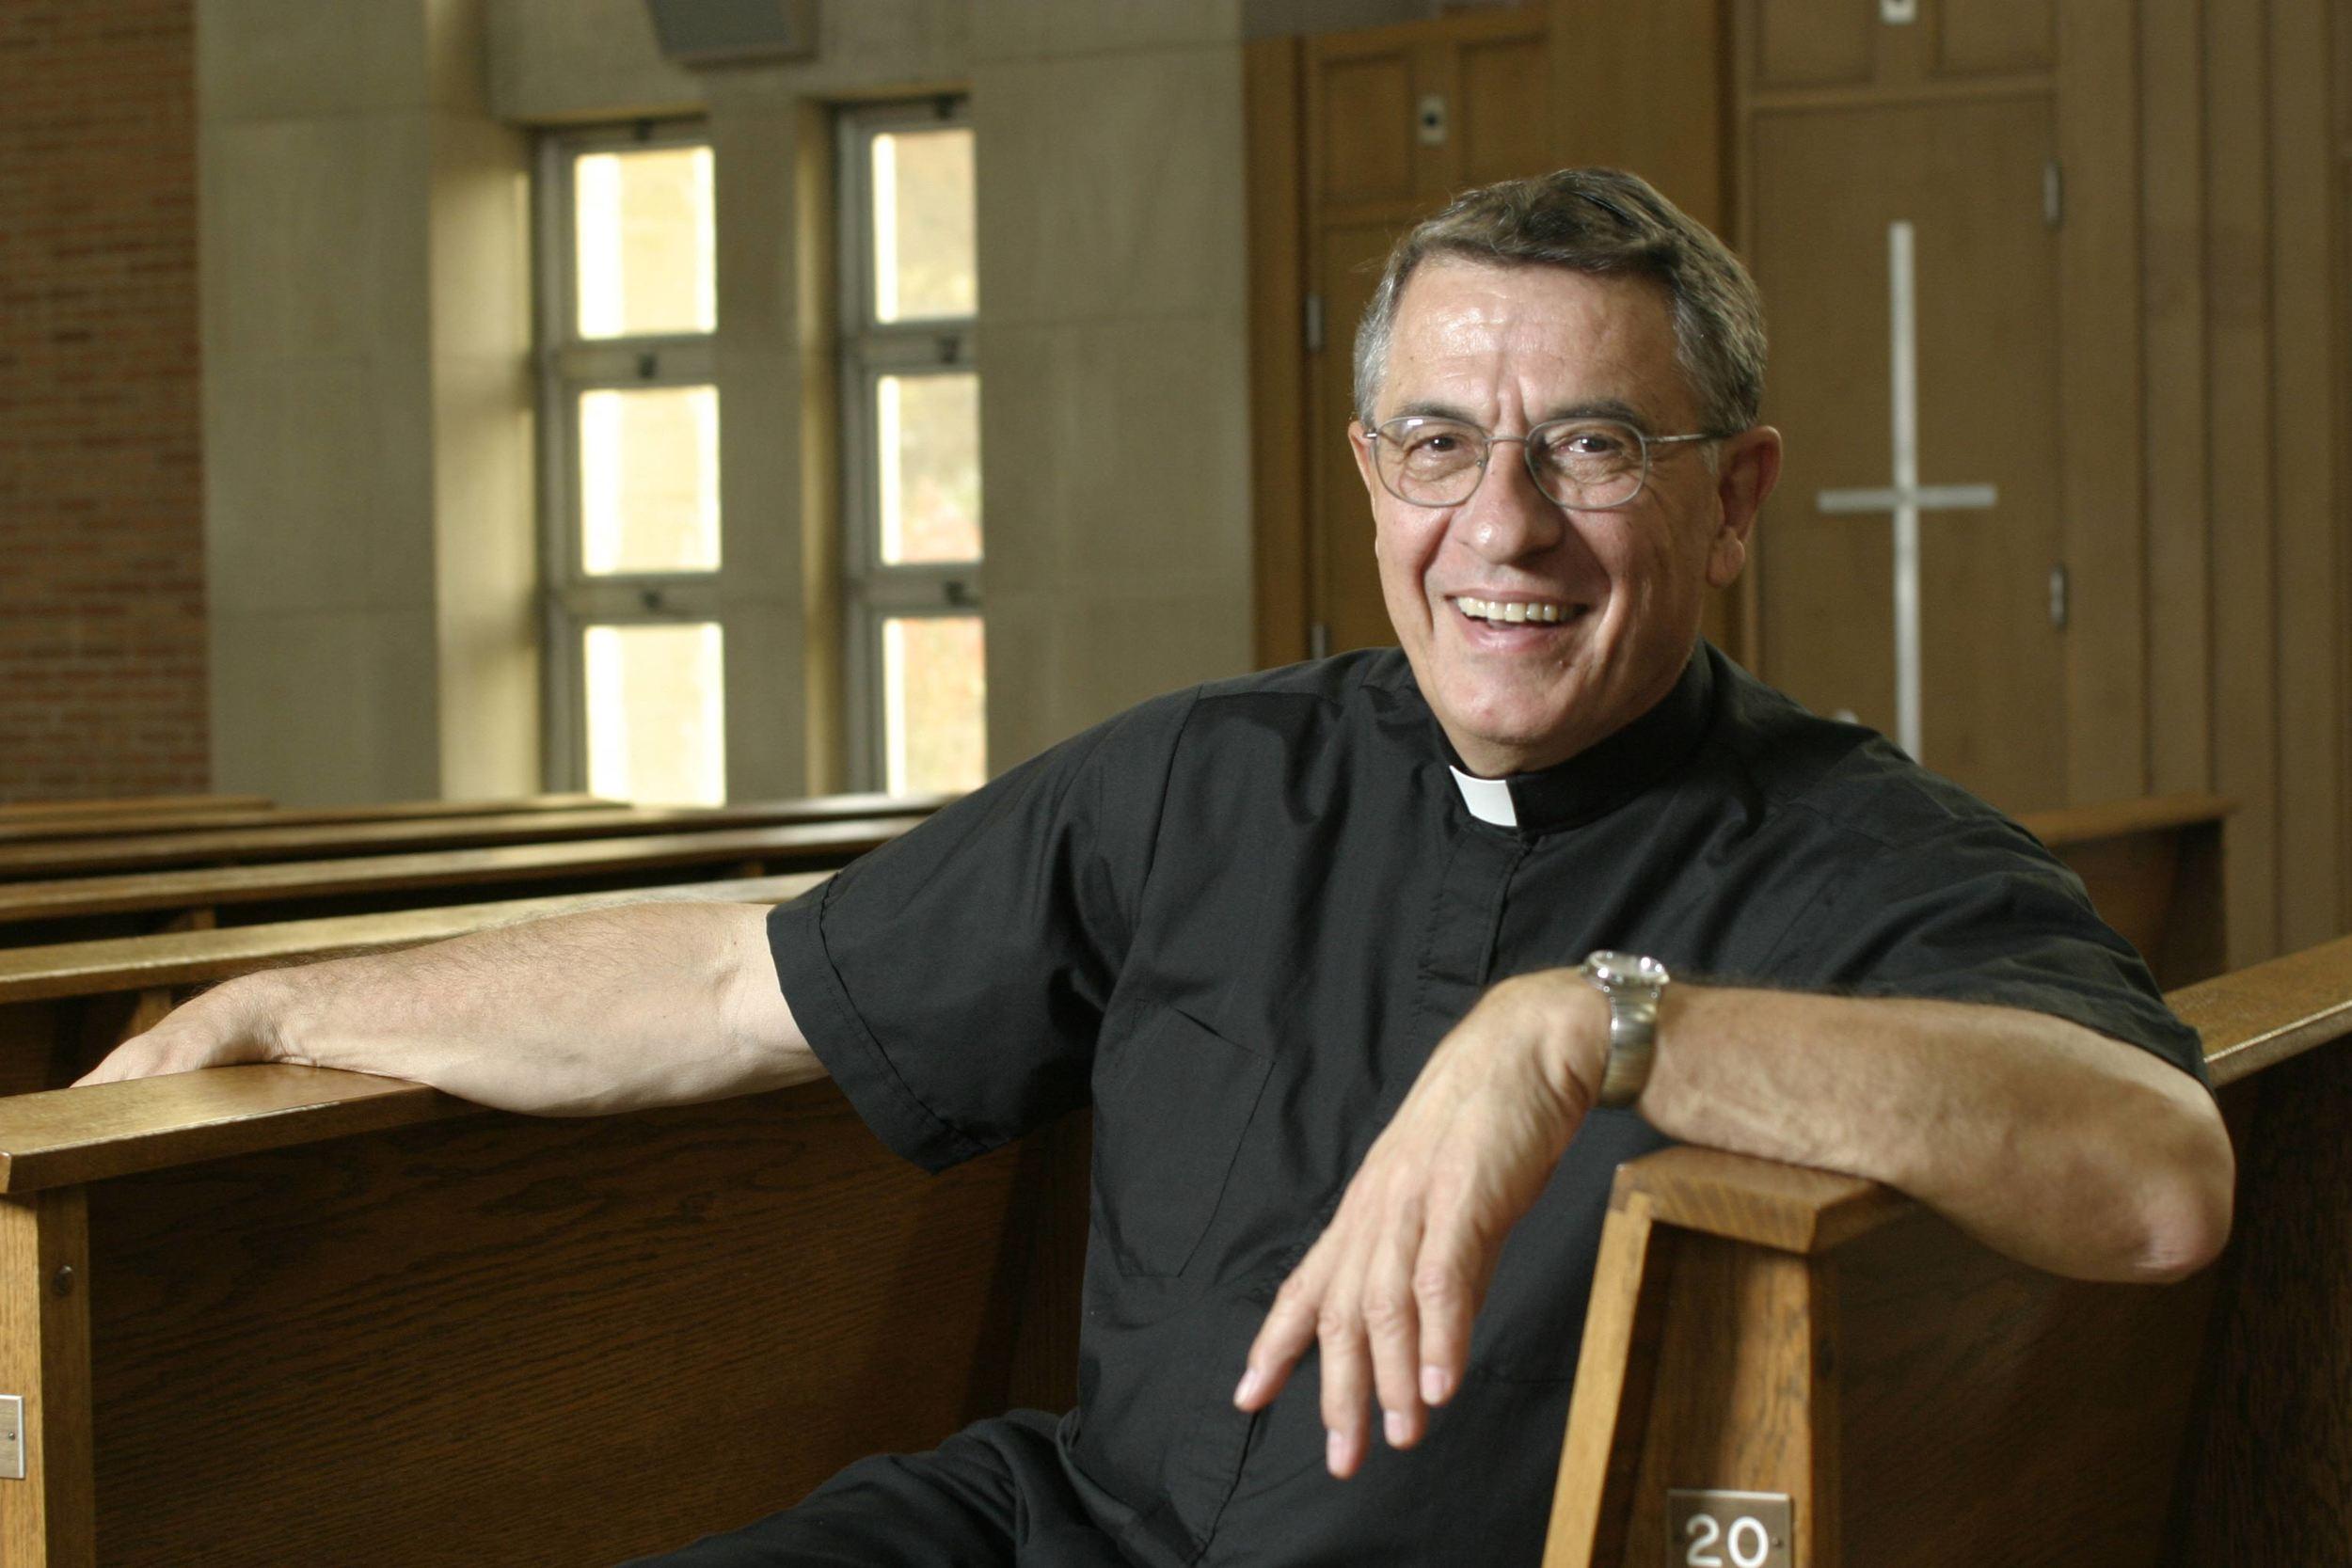 Abbot Barnabas Senecal - 58 Years